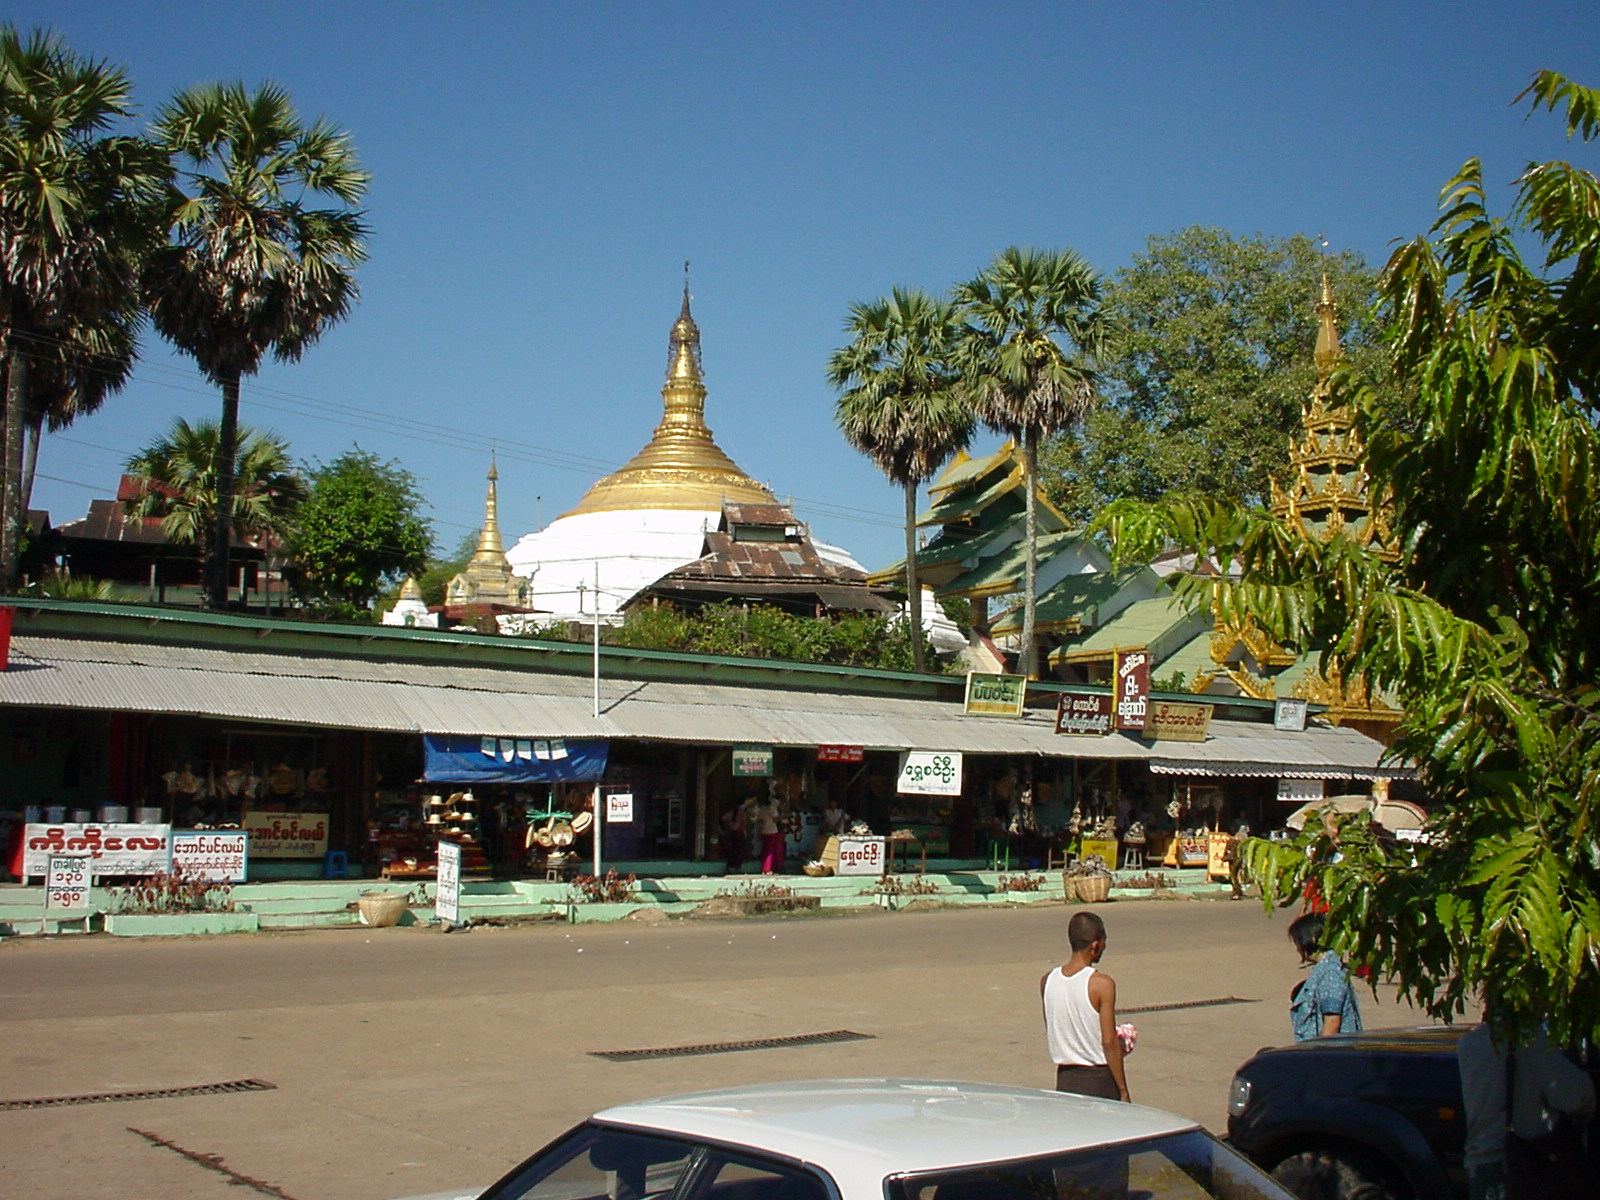 Thanlyin Island Pagoda entrance Dec 2000 01